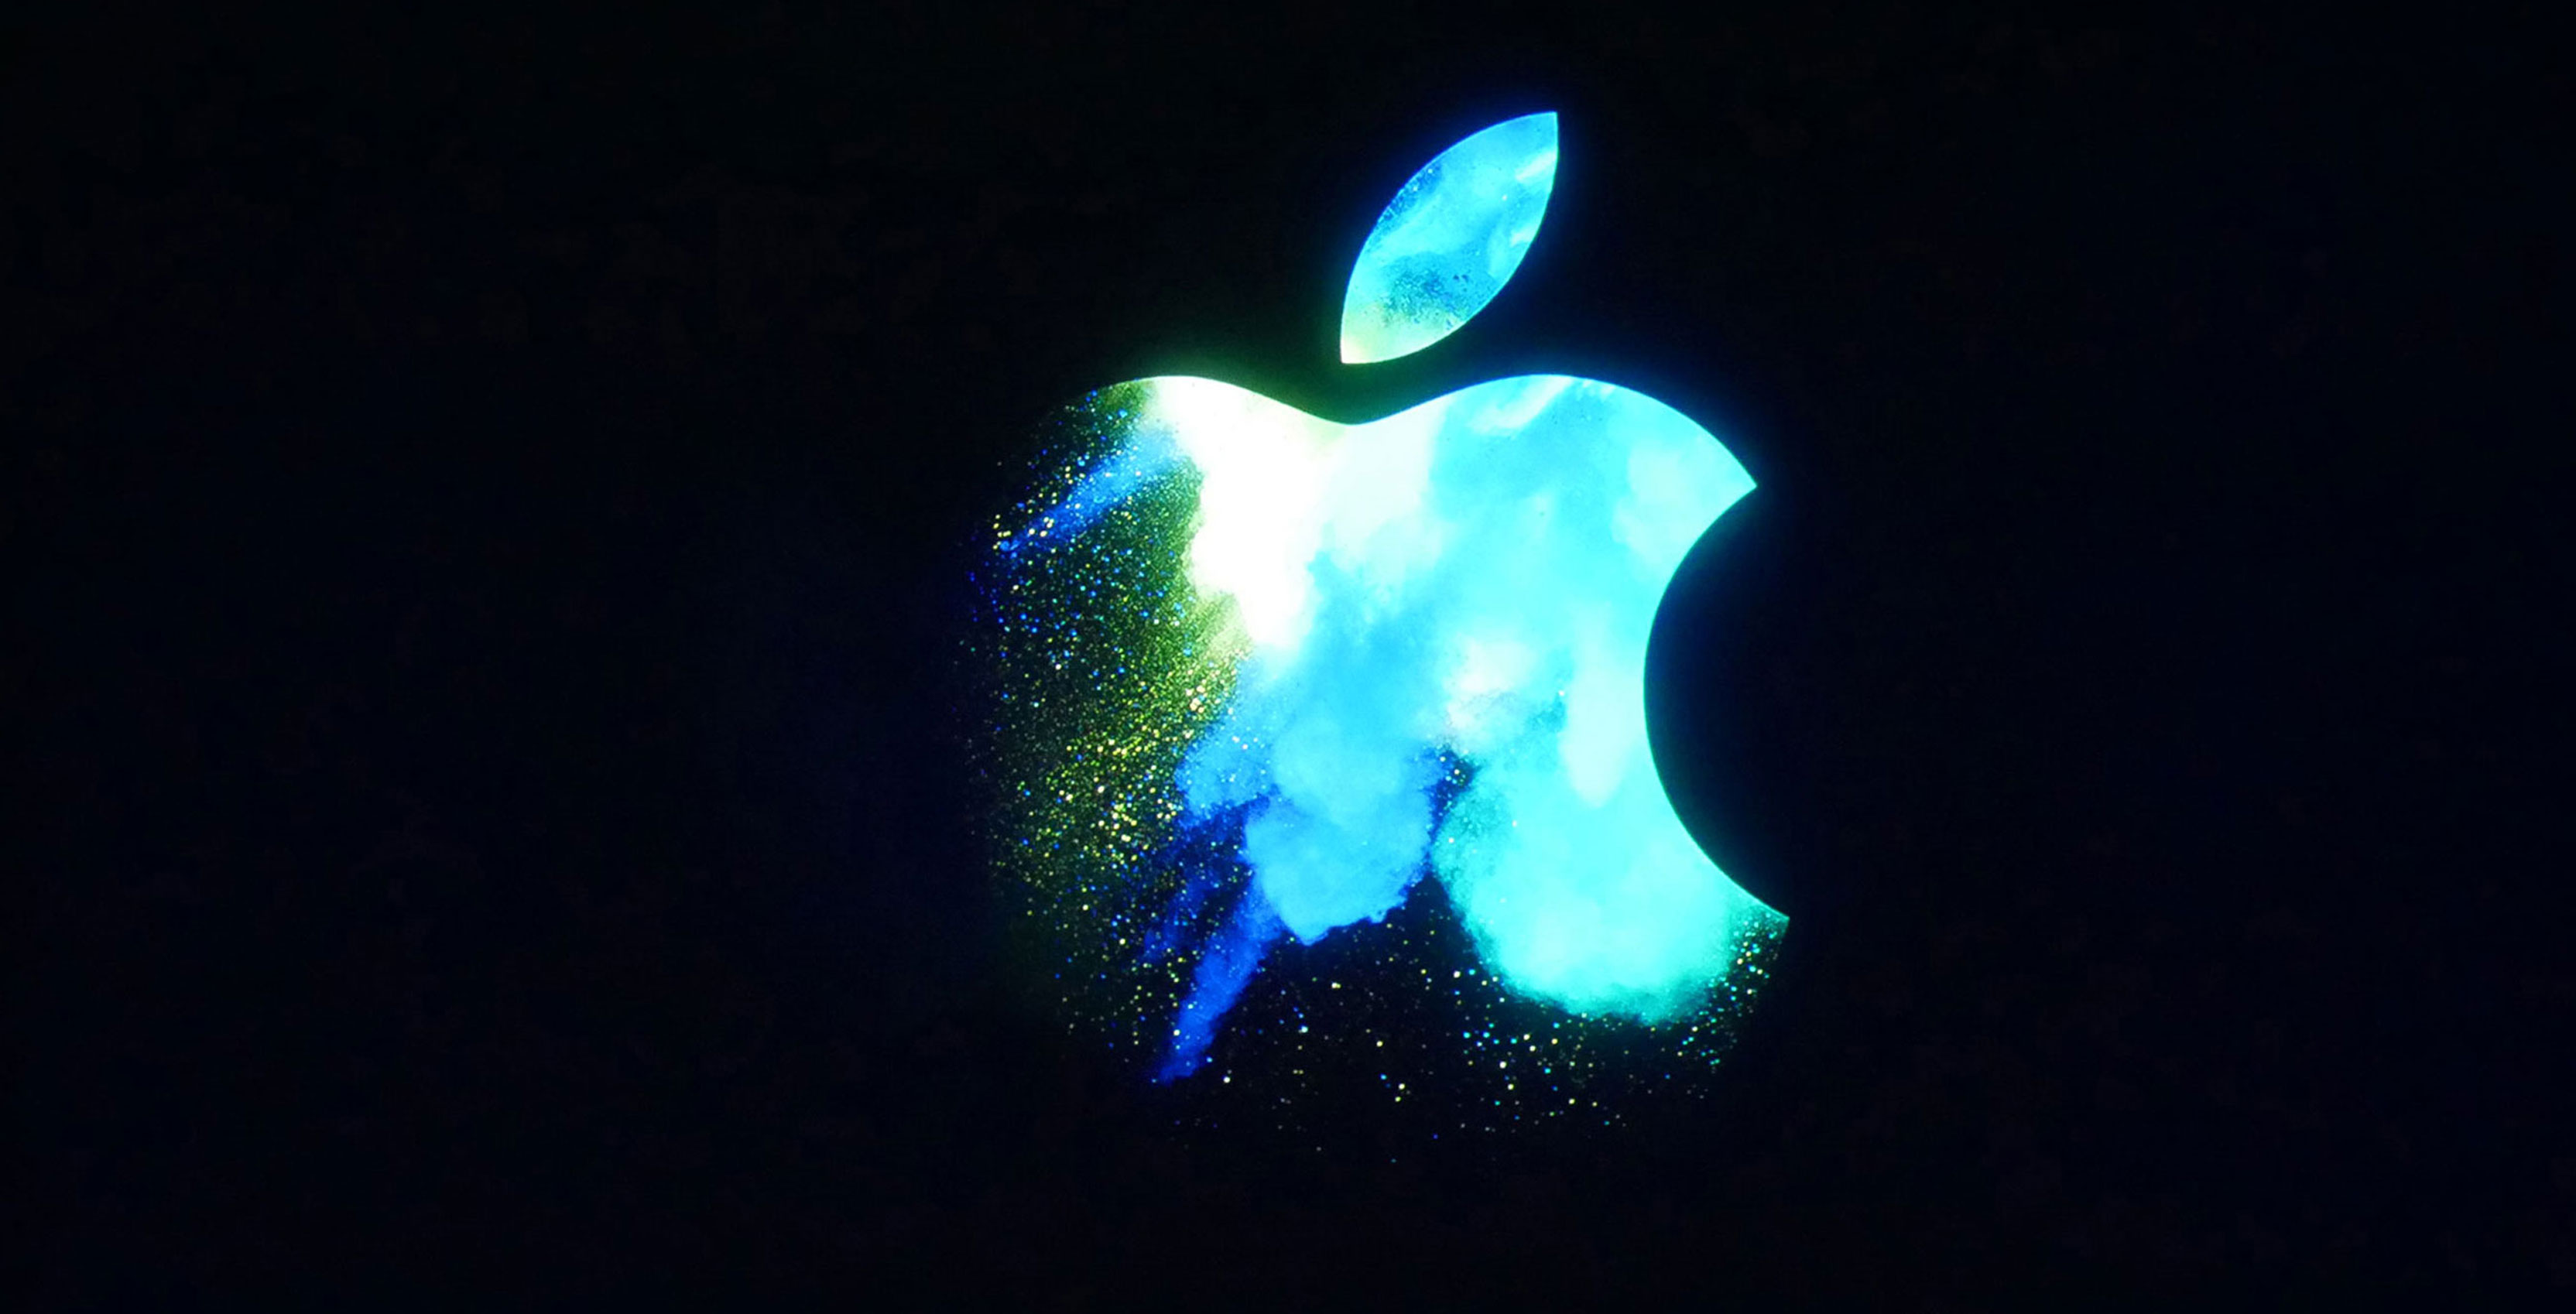 apple logo - ios 10.3